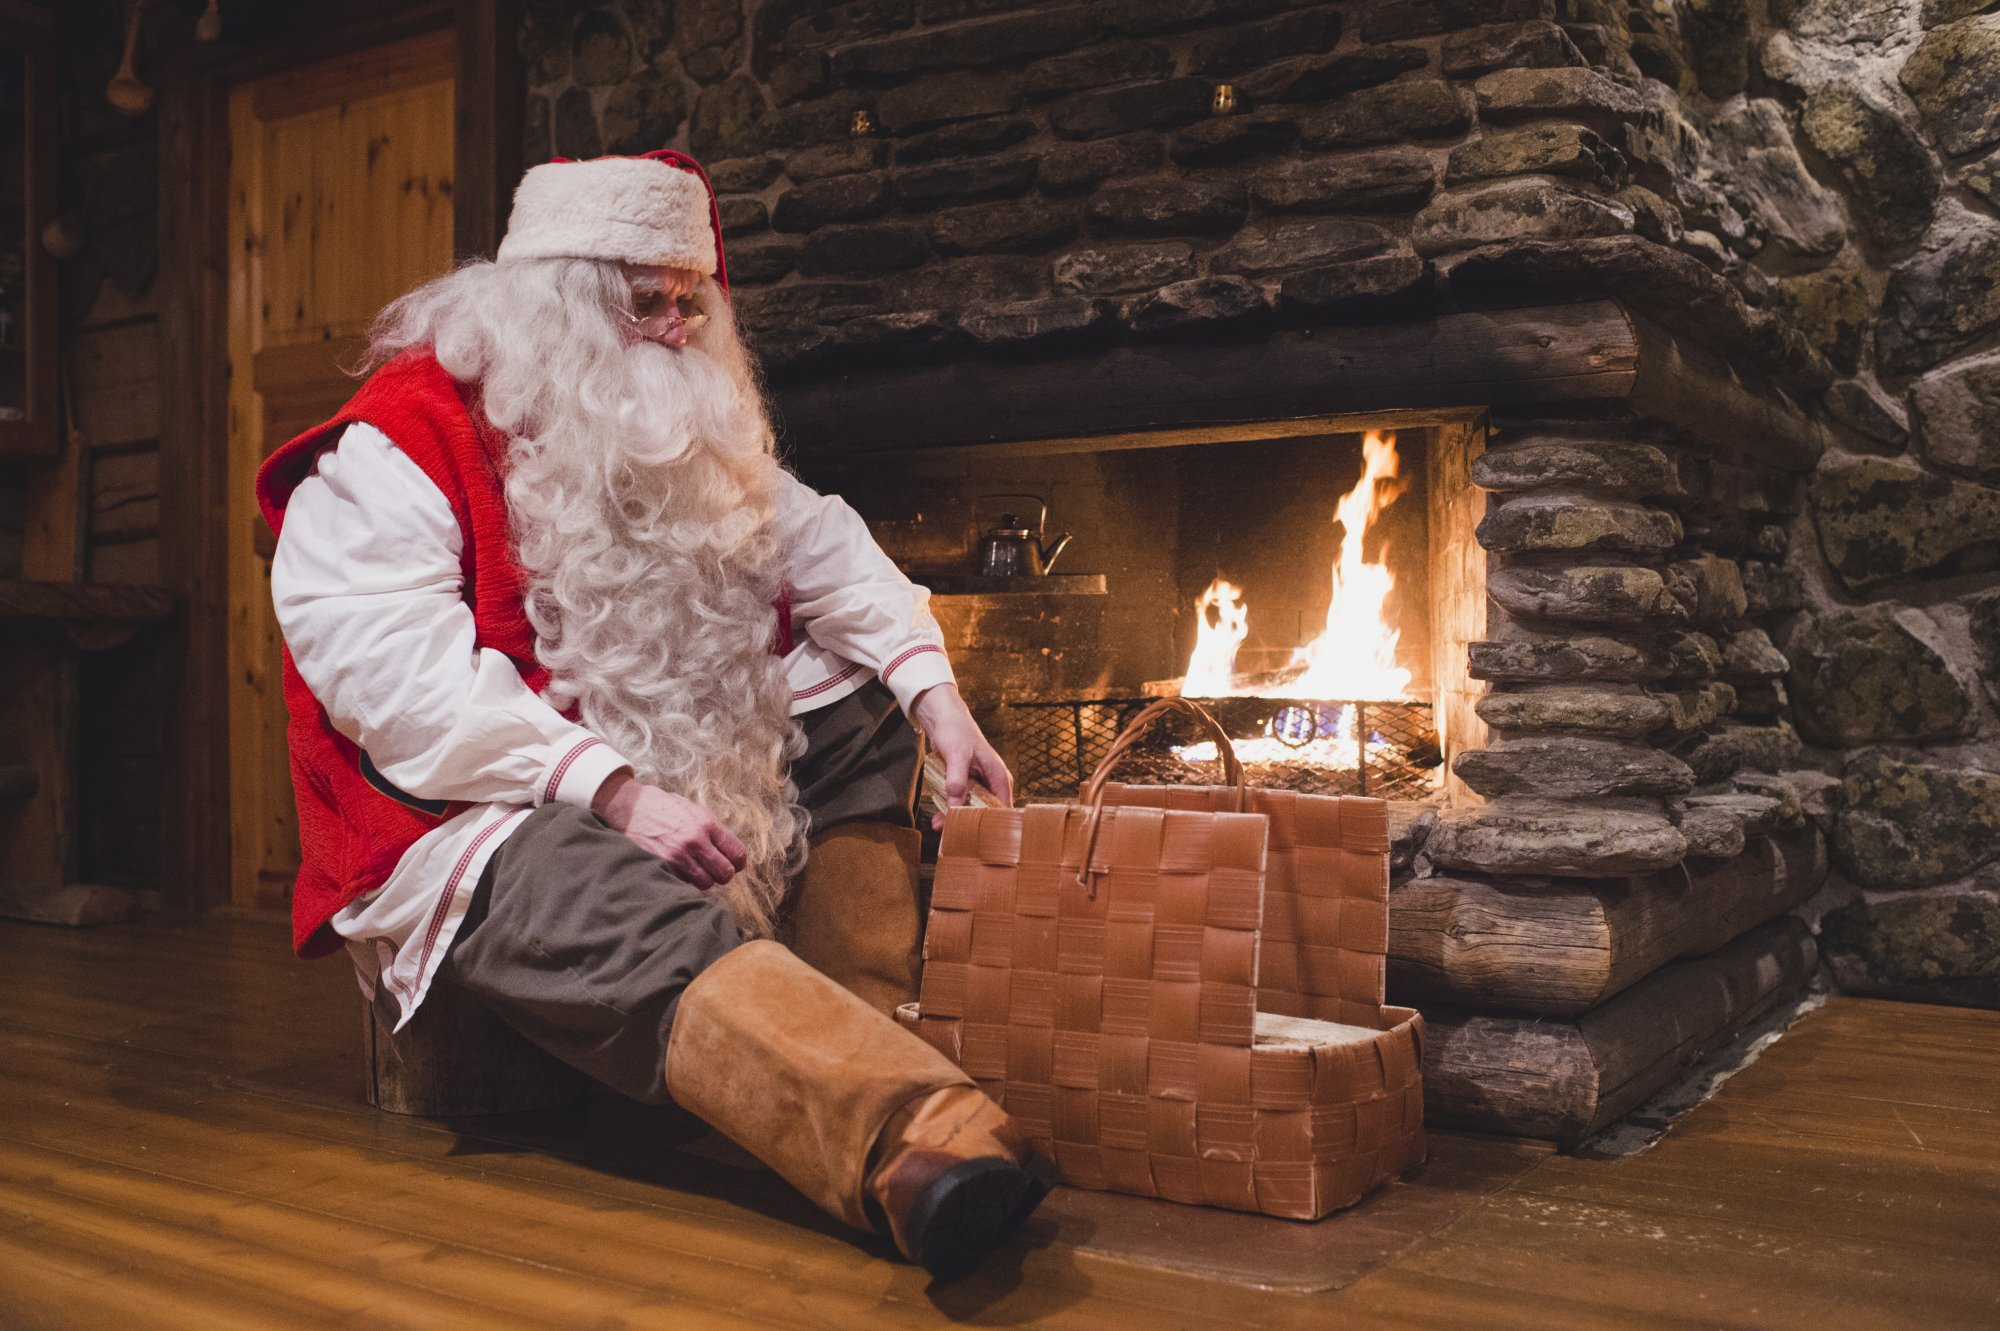 Настоящий Санта Клаус из Лапландии впервые в Украине - успейте увидеть!